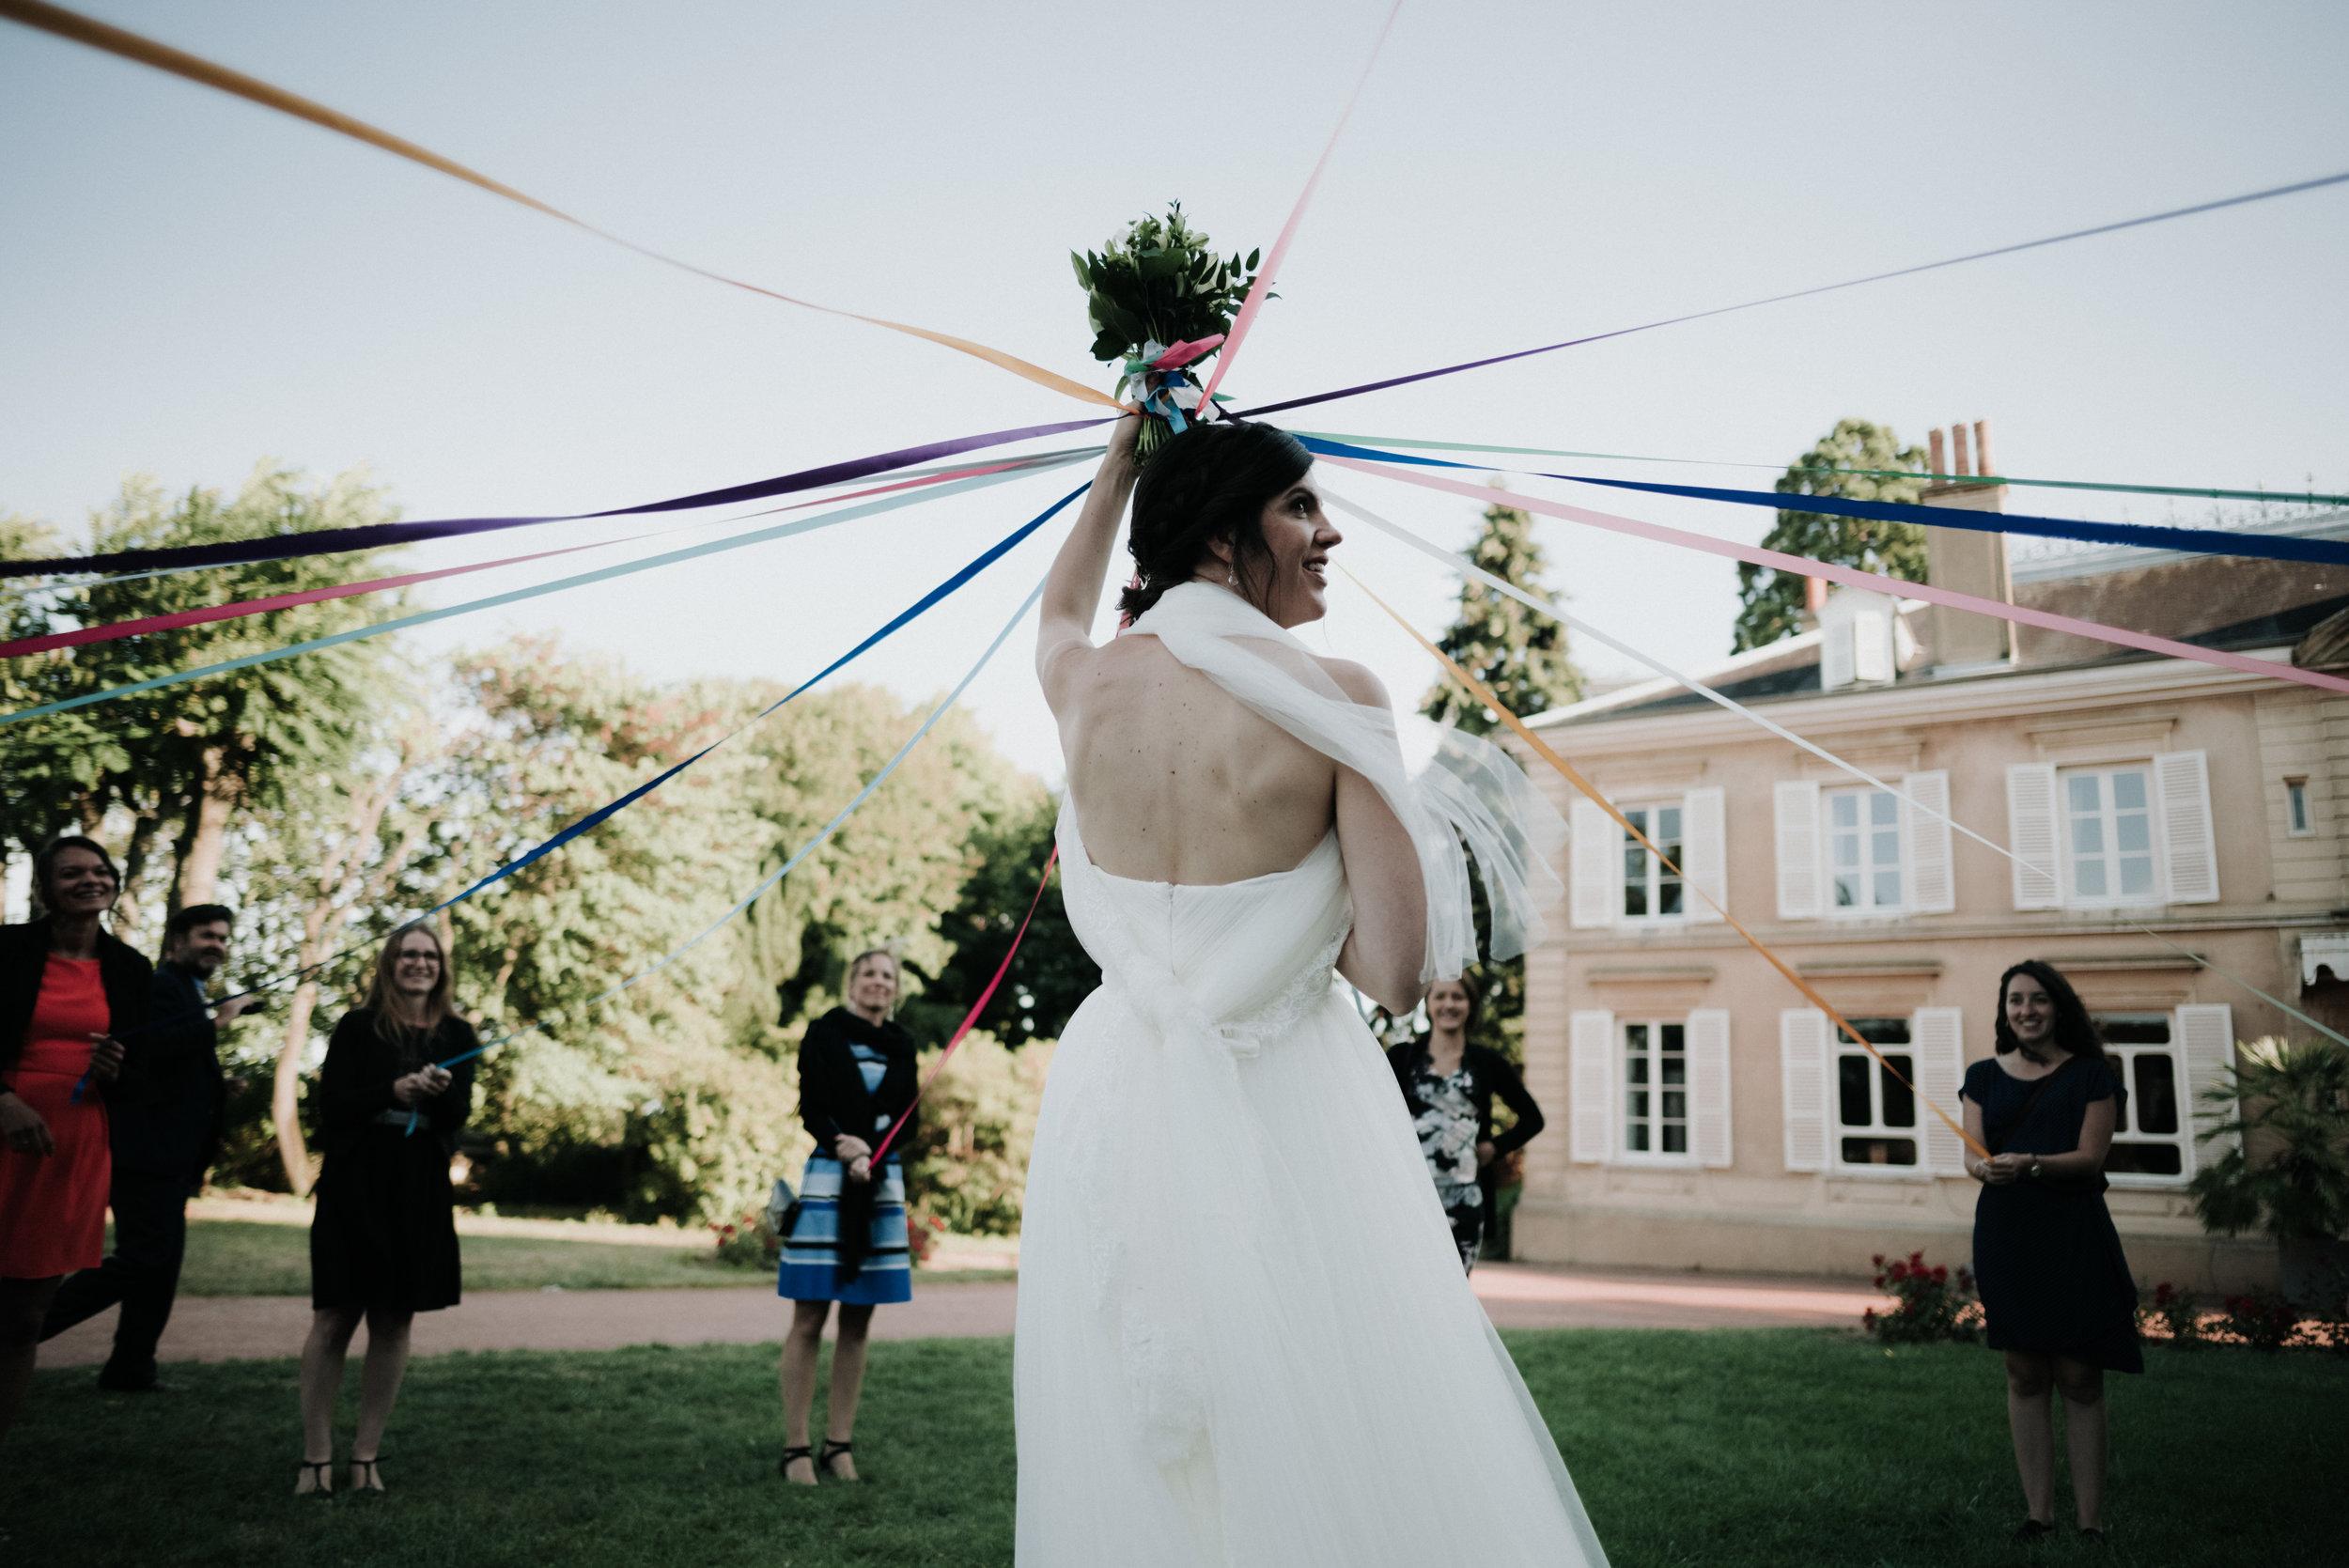 Léa-Fery-photographe-professionnel-lyon-rhone-alpes-portrait-creation-mariage-evenement-evenementiel-famille--63.jpg